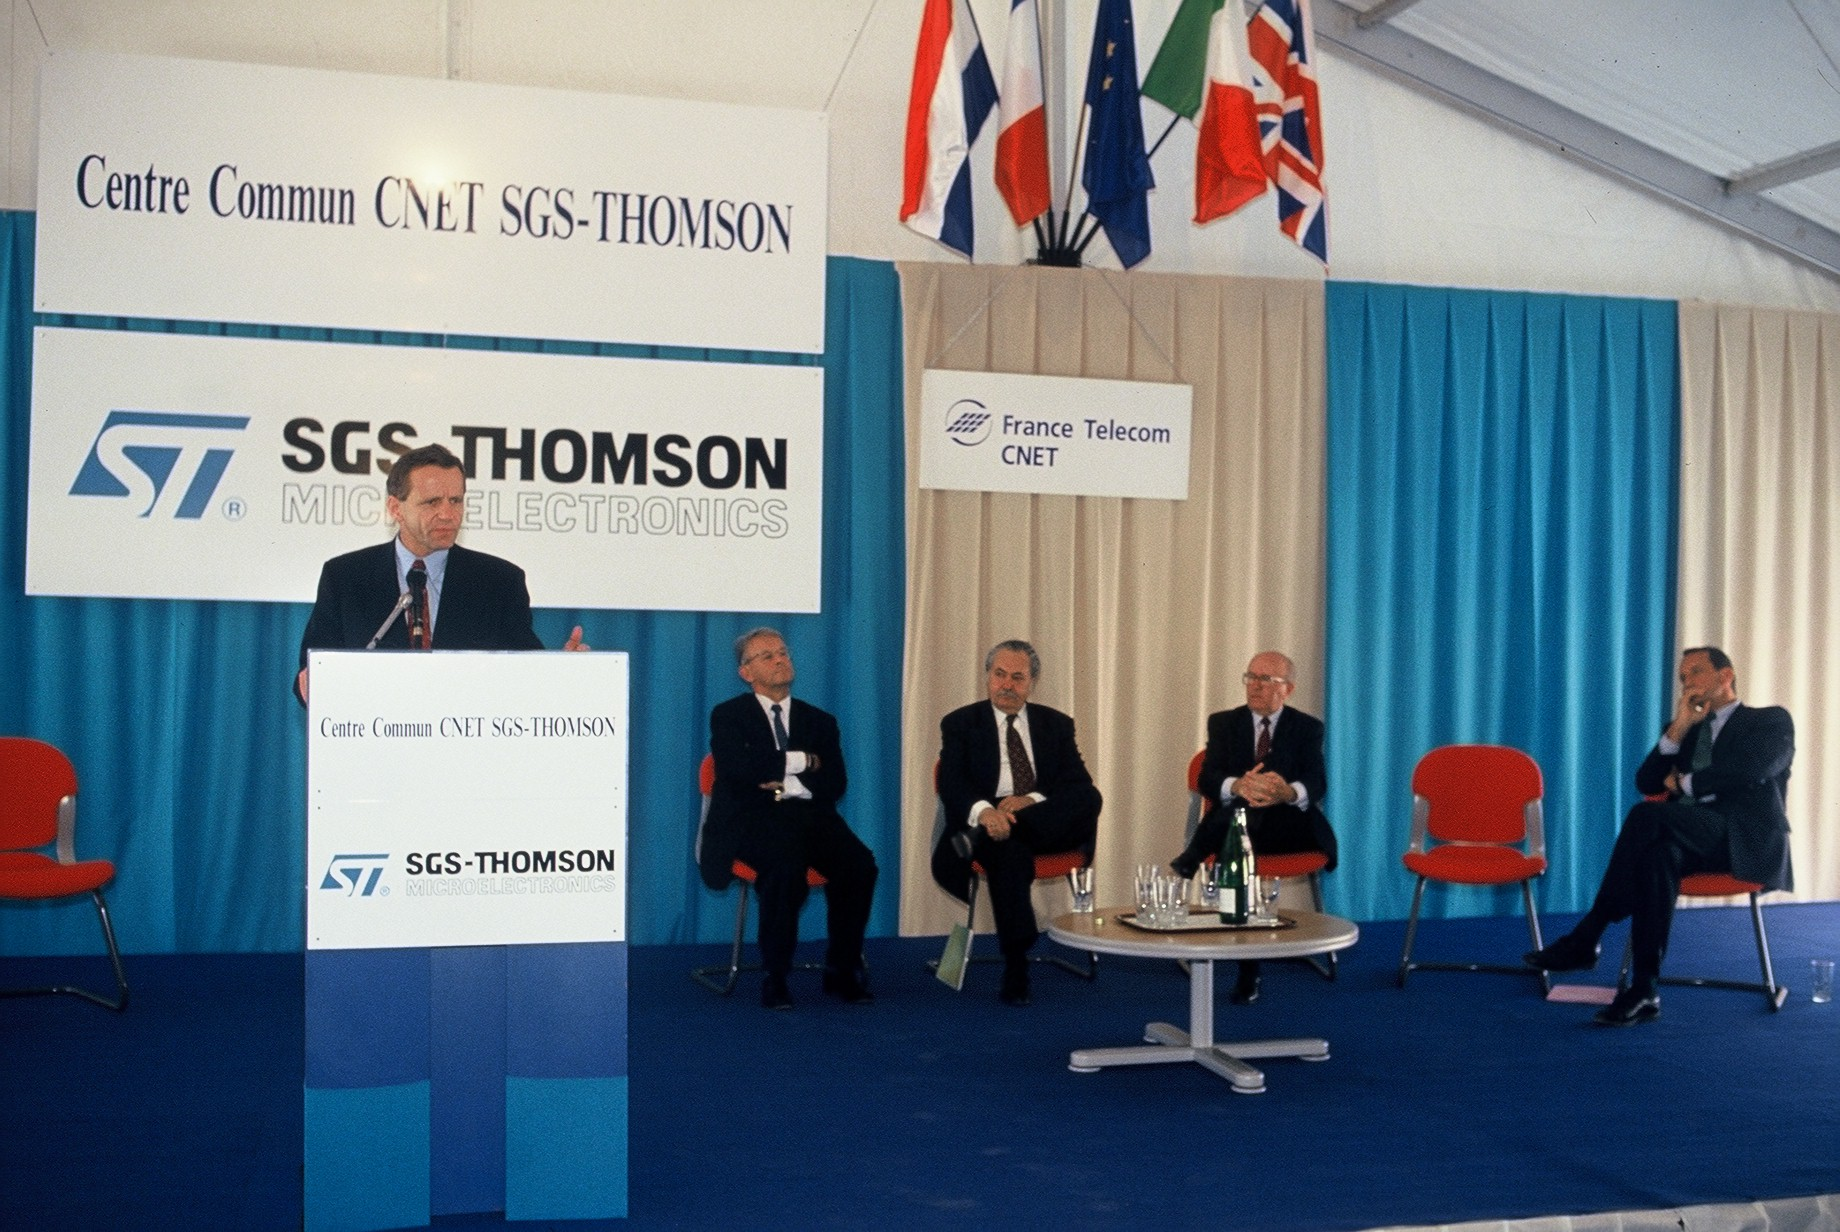 Alain Carignon inaugurant l'implantation de ST Micro obtenue face à l'Italie concurrente: la filière fournira des dizaines de milliers d'emplois